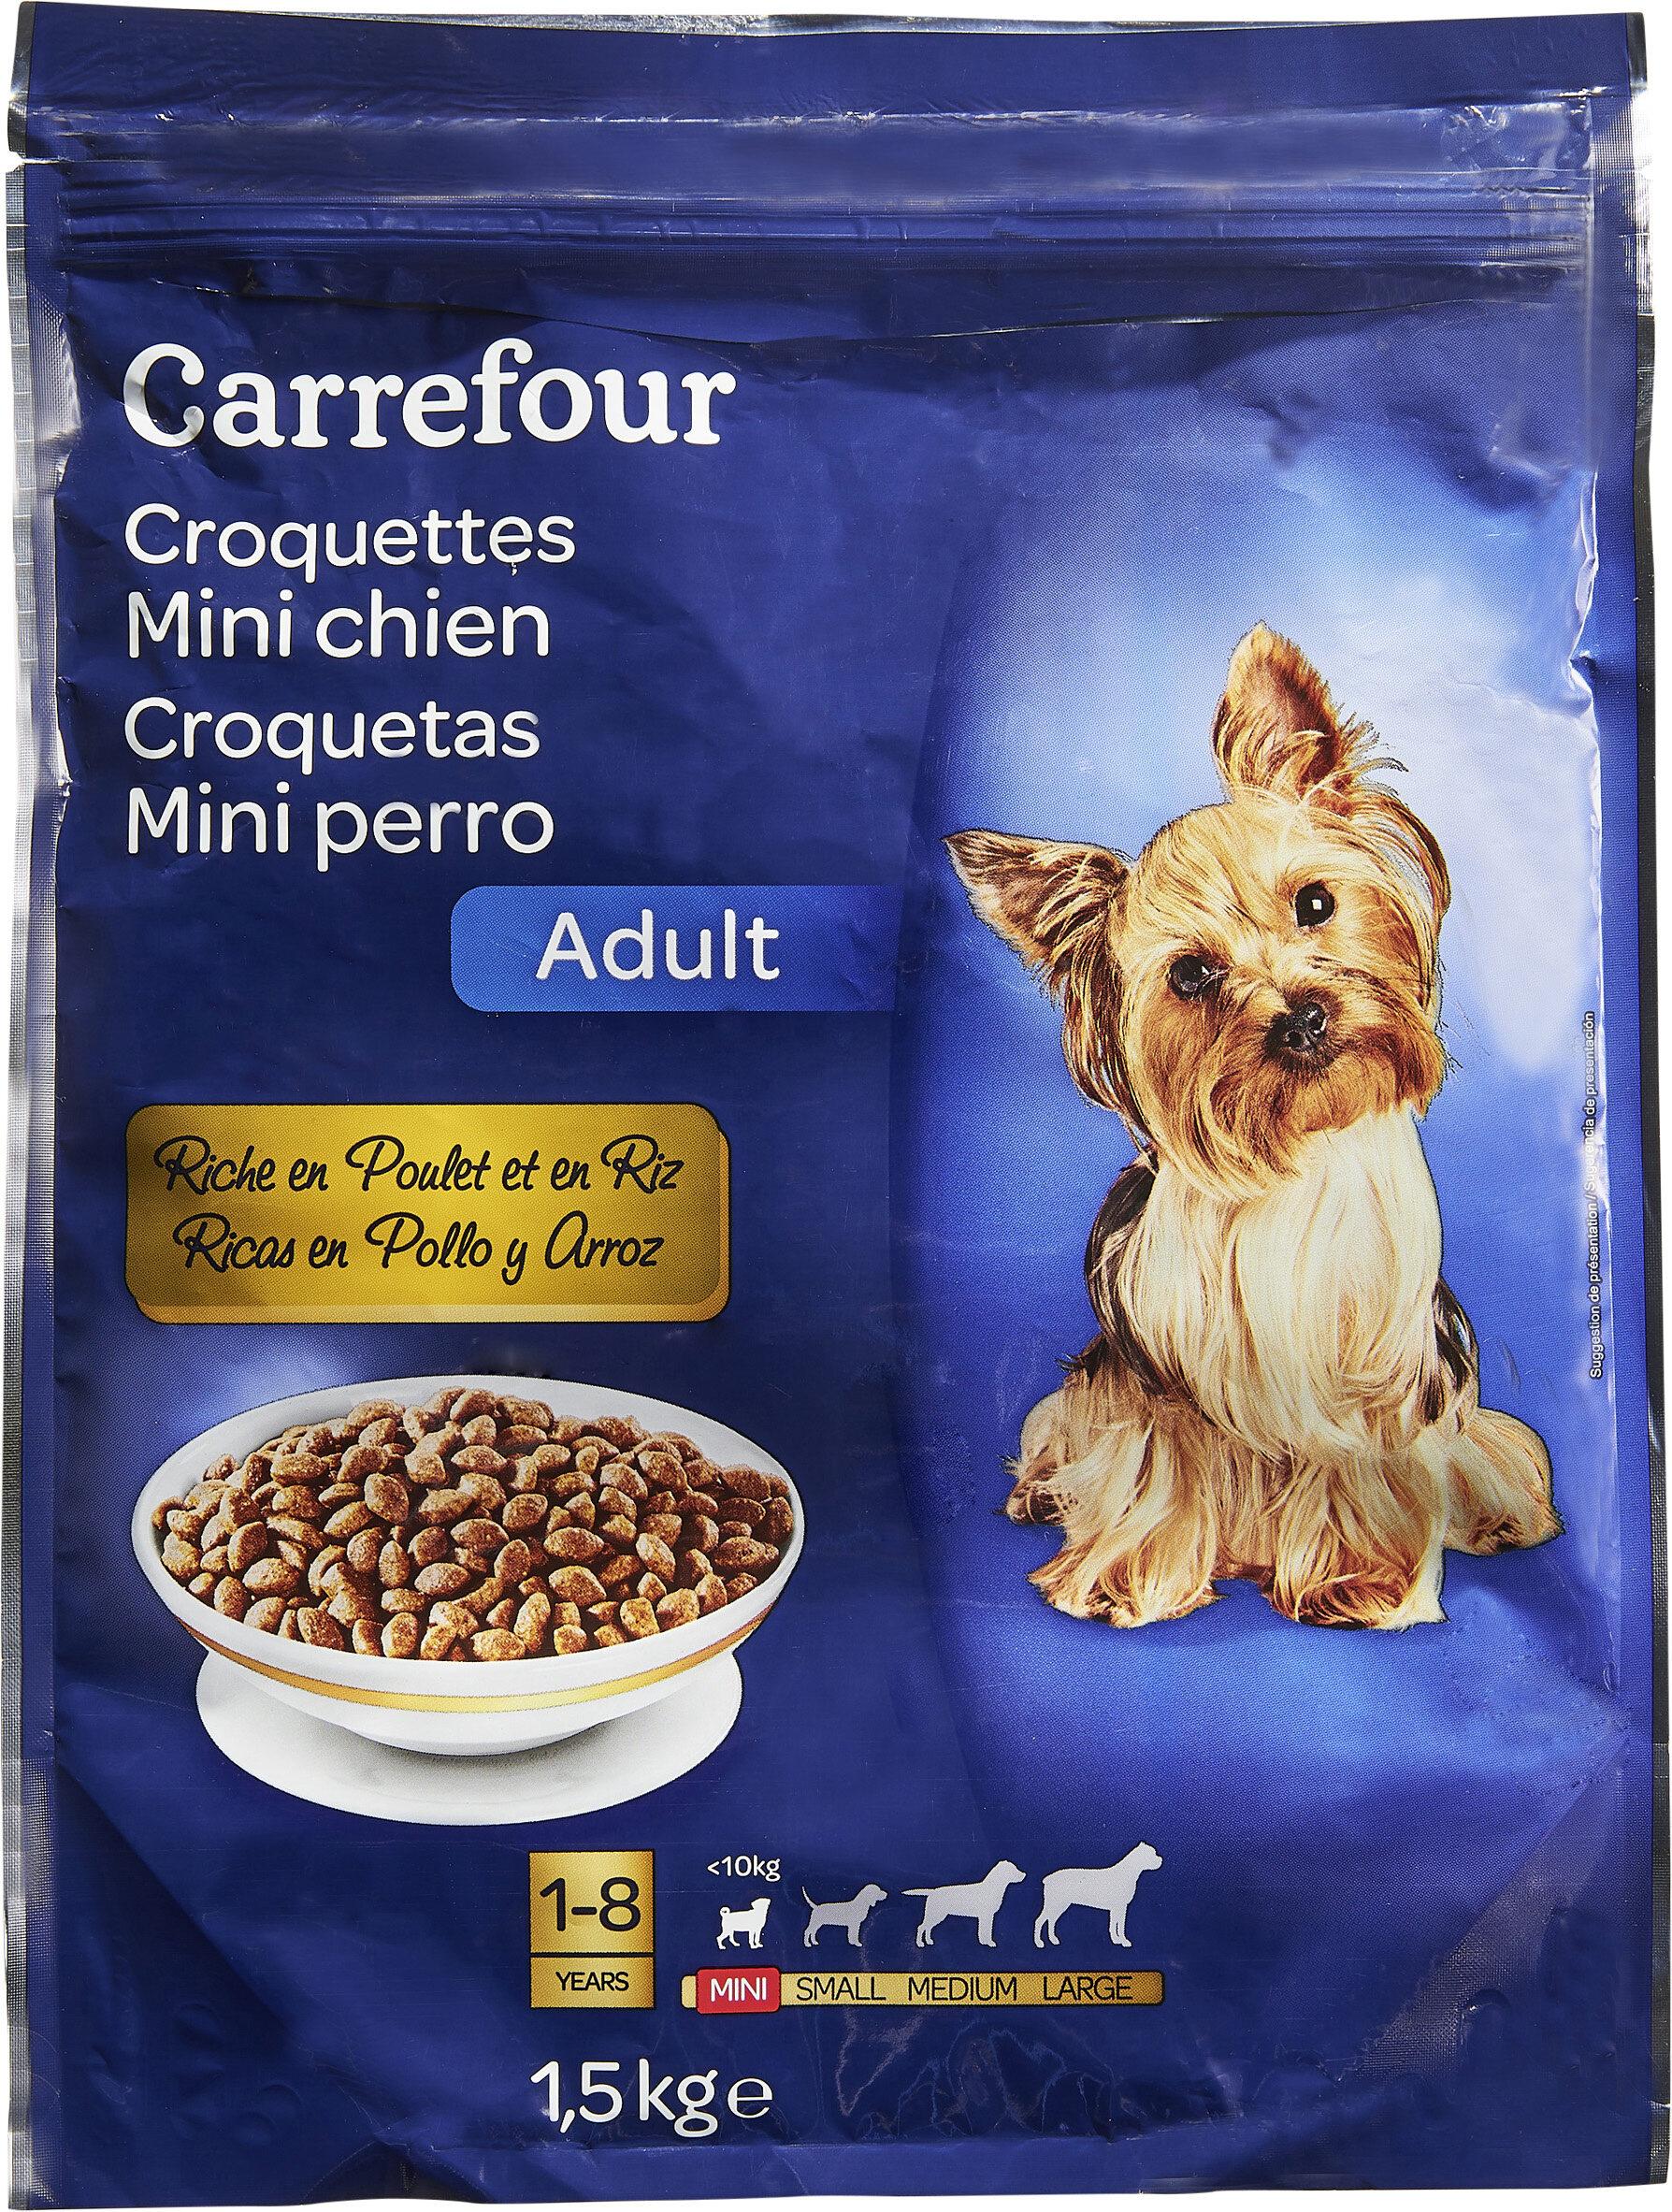 Croquette mini chien - Produit - fr